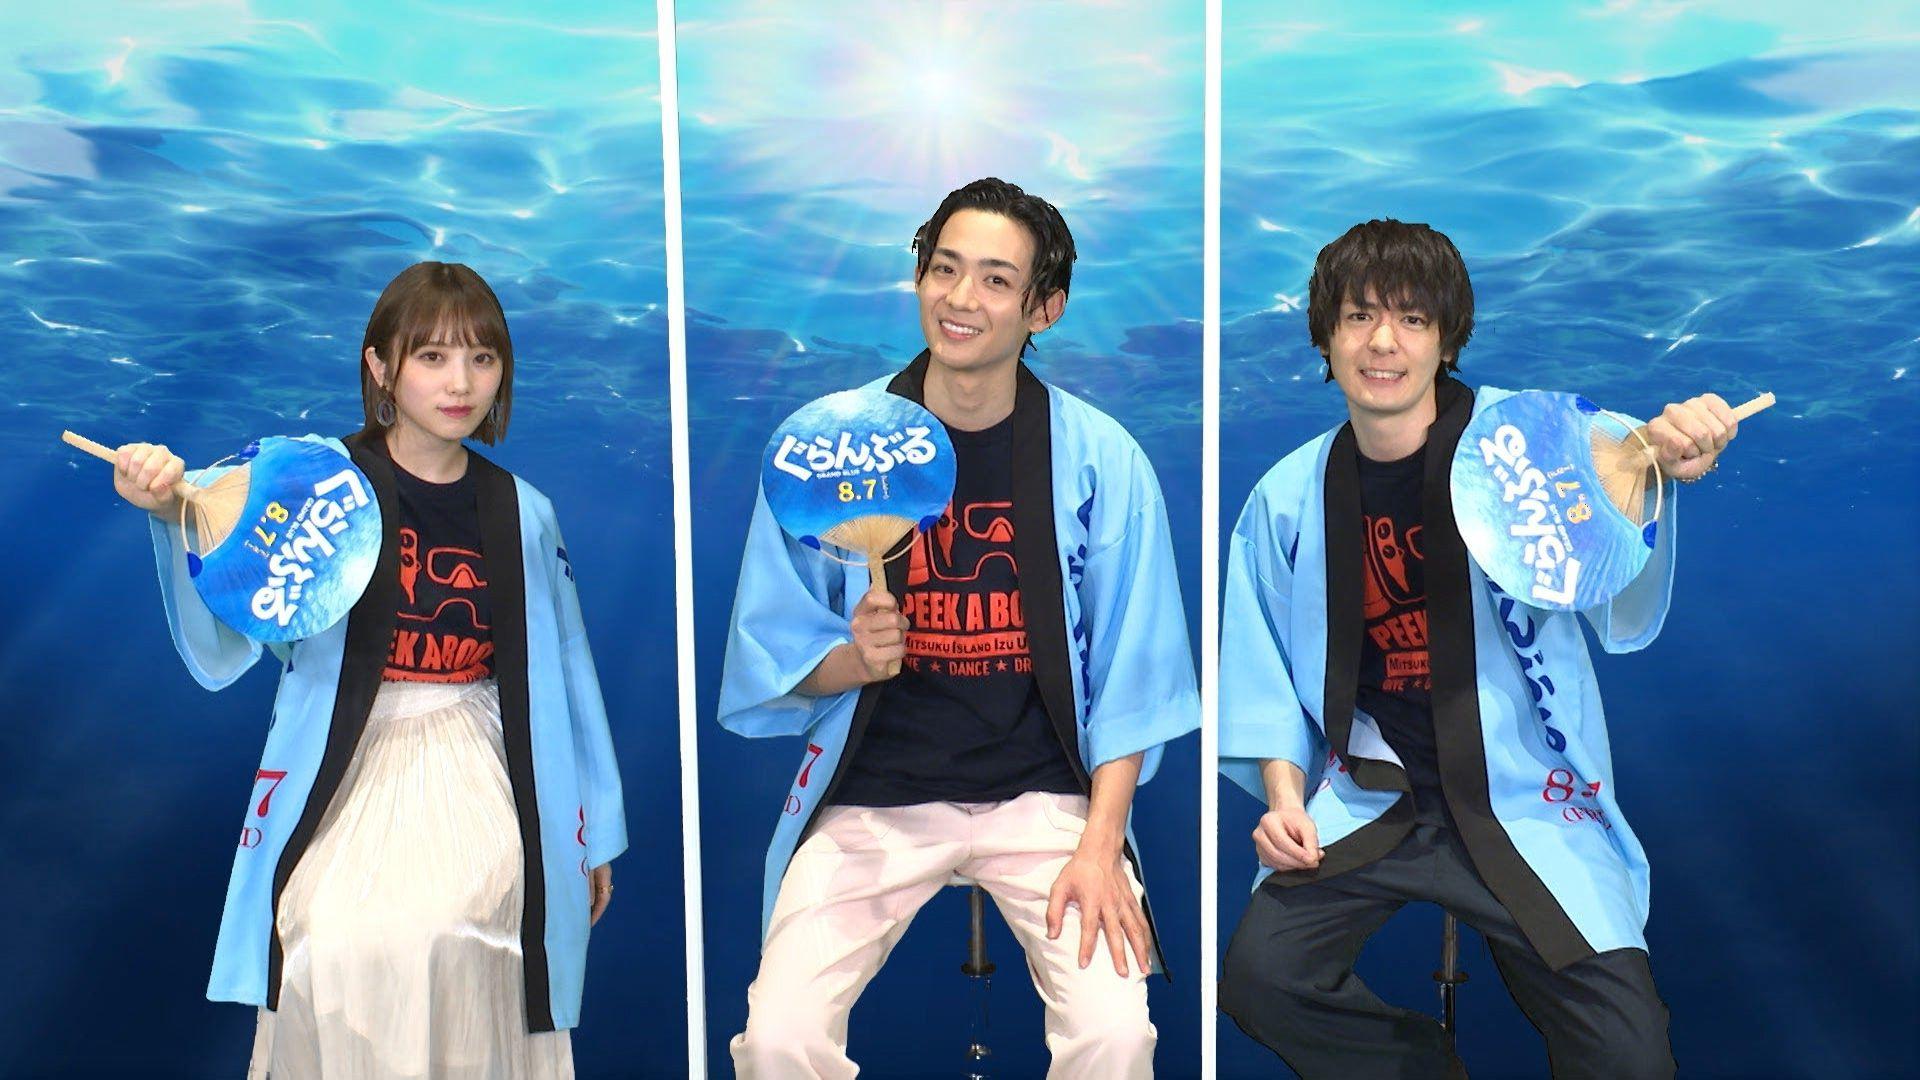 左から、乃木坂46与田祐希、竜星涼、犬飼貴丈